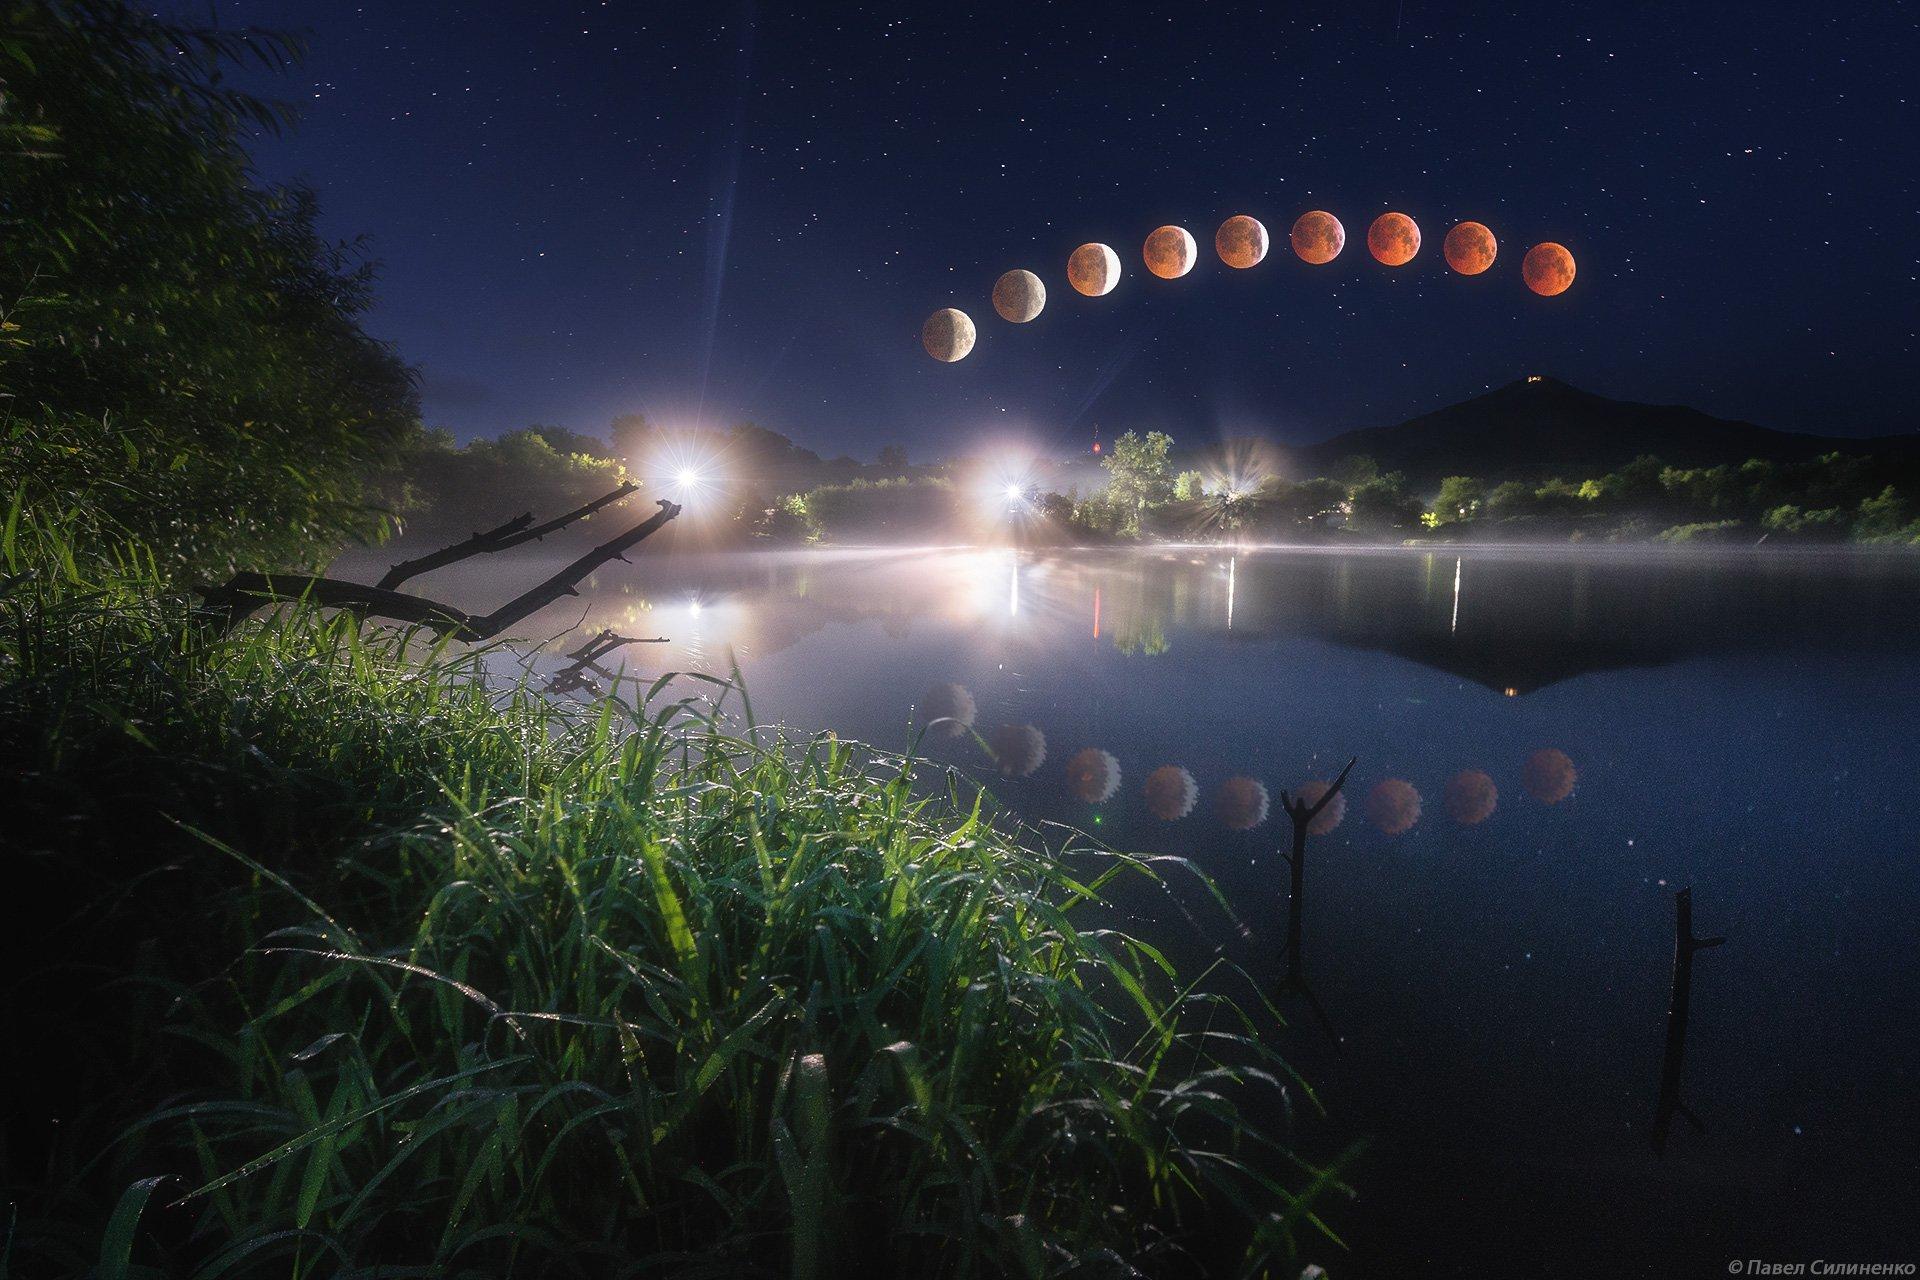 ночь, пейзаж, луна, вода, пруд, затмение, Павел Силиненко